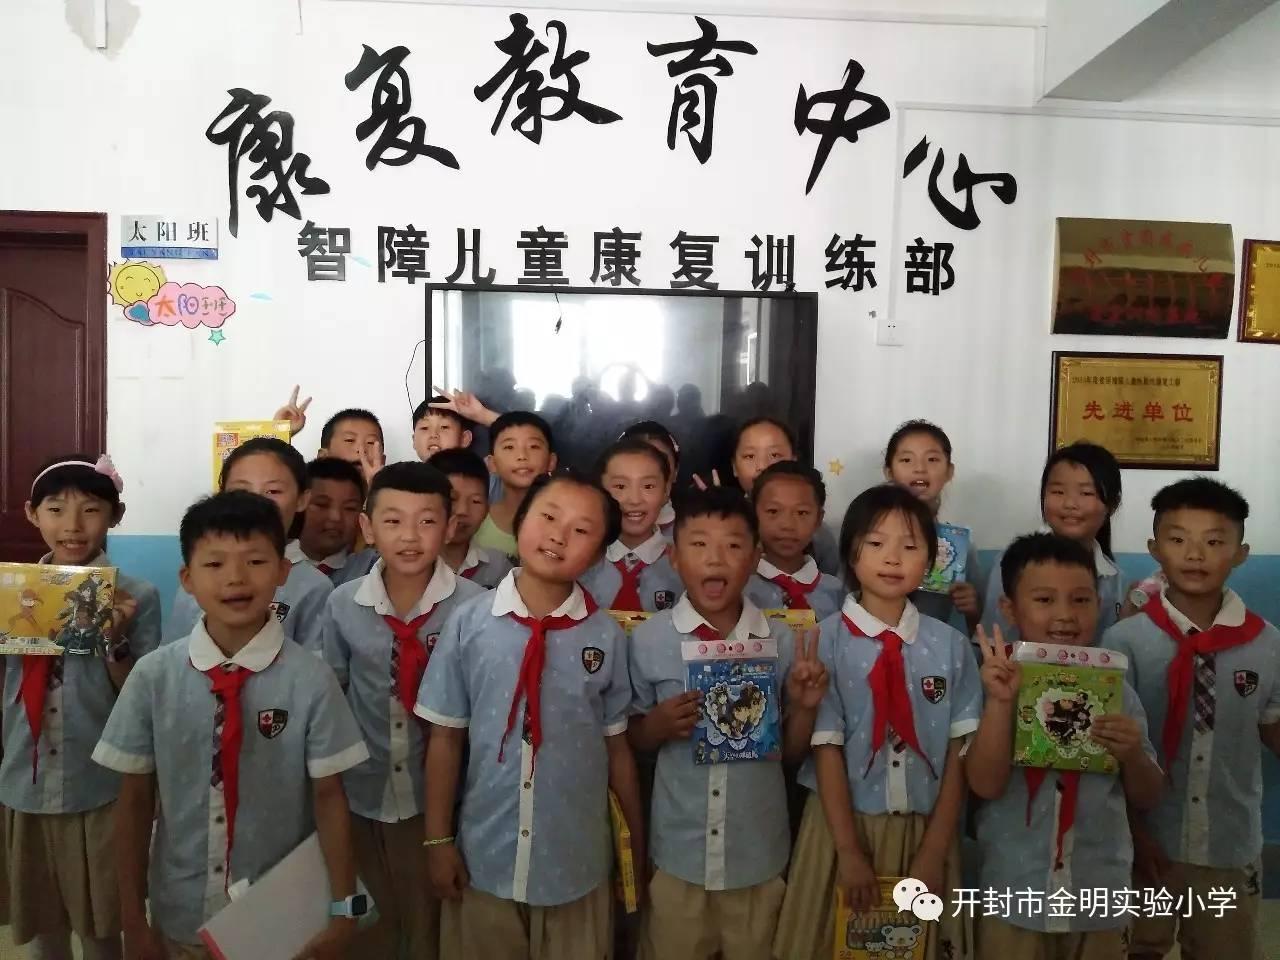 表情 关爱智障儿童 共享蓝天阳光 金明实验小学三年级 走进开封市智障儿童  表情图片